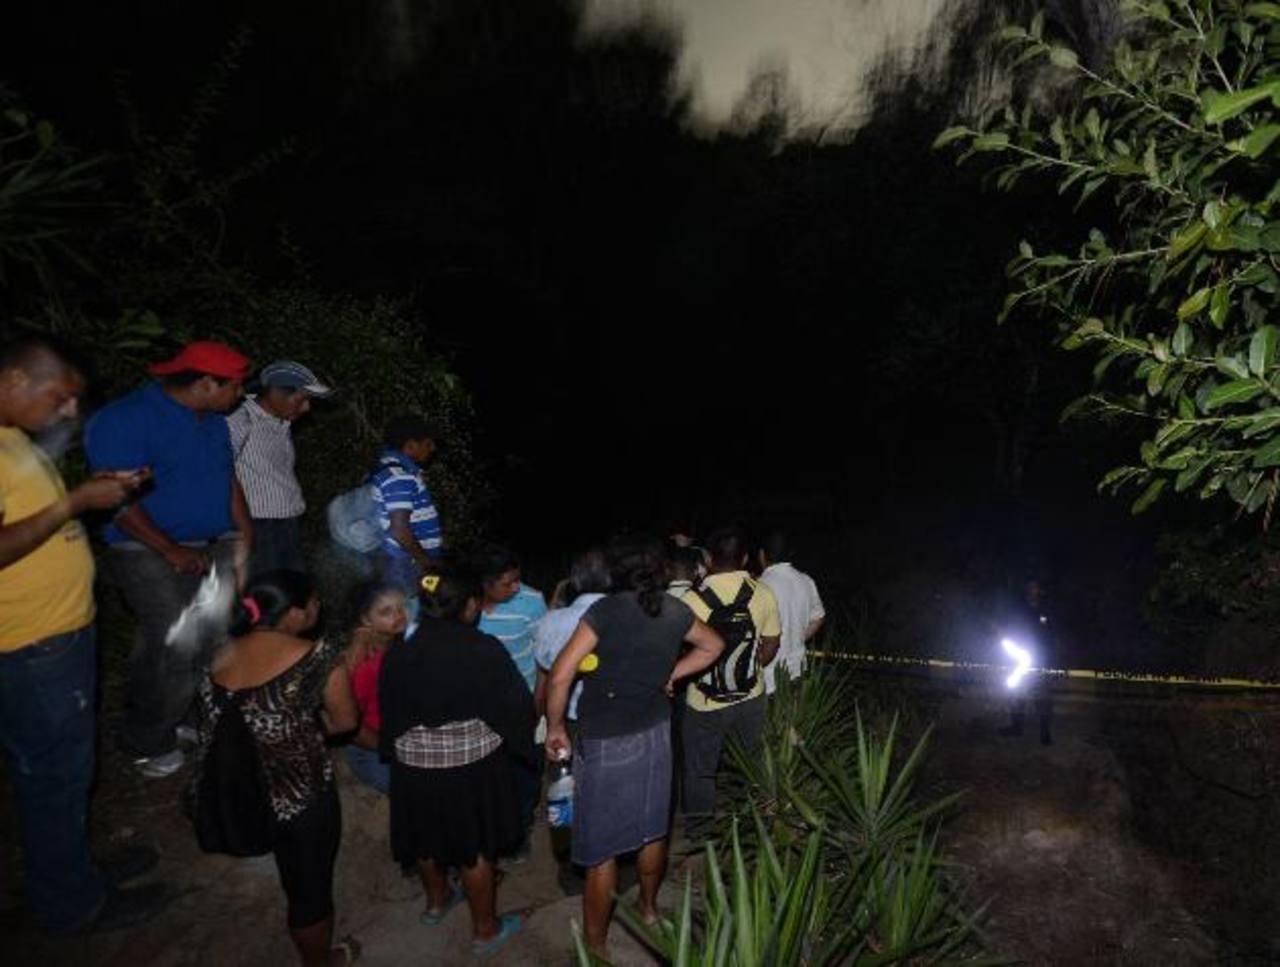 La Policía restringió el acceso al pozo debido a la fuerte presencia de monóxido de carbono, los tres cuerpos de las personas serán sacadas hoy. Foto EDH / Douglas Urquilla